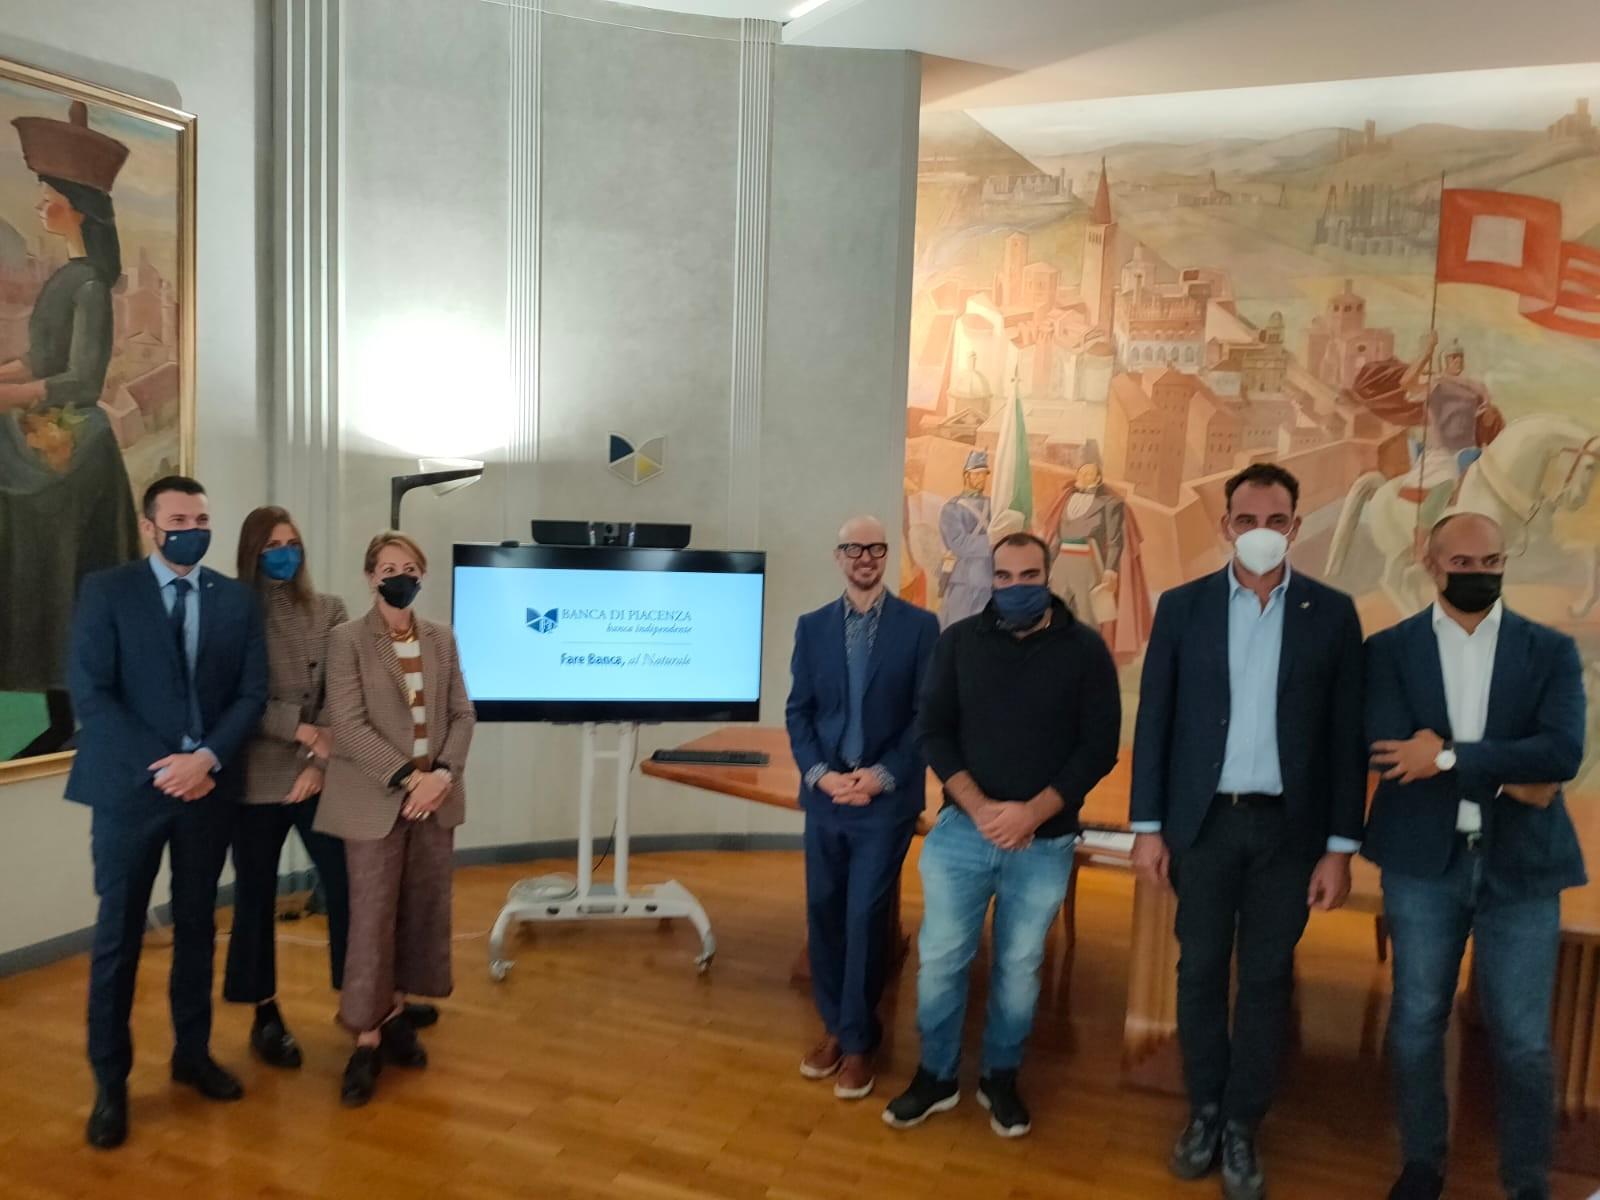 Presentazione-Spot-banca-Piacenza_7